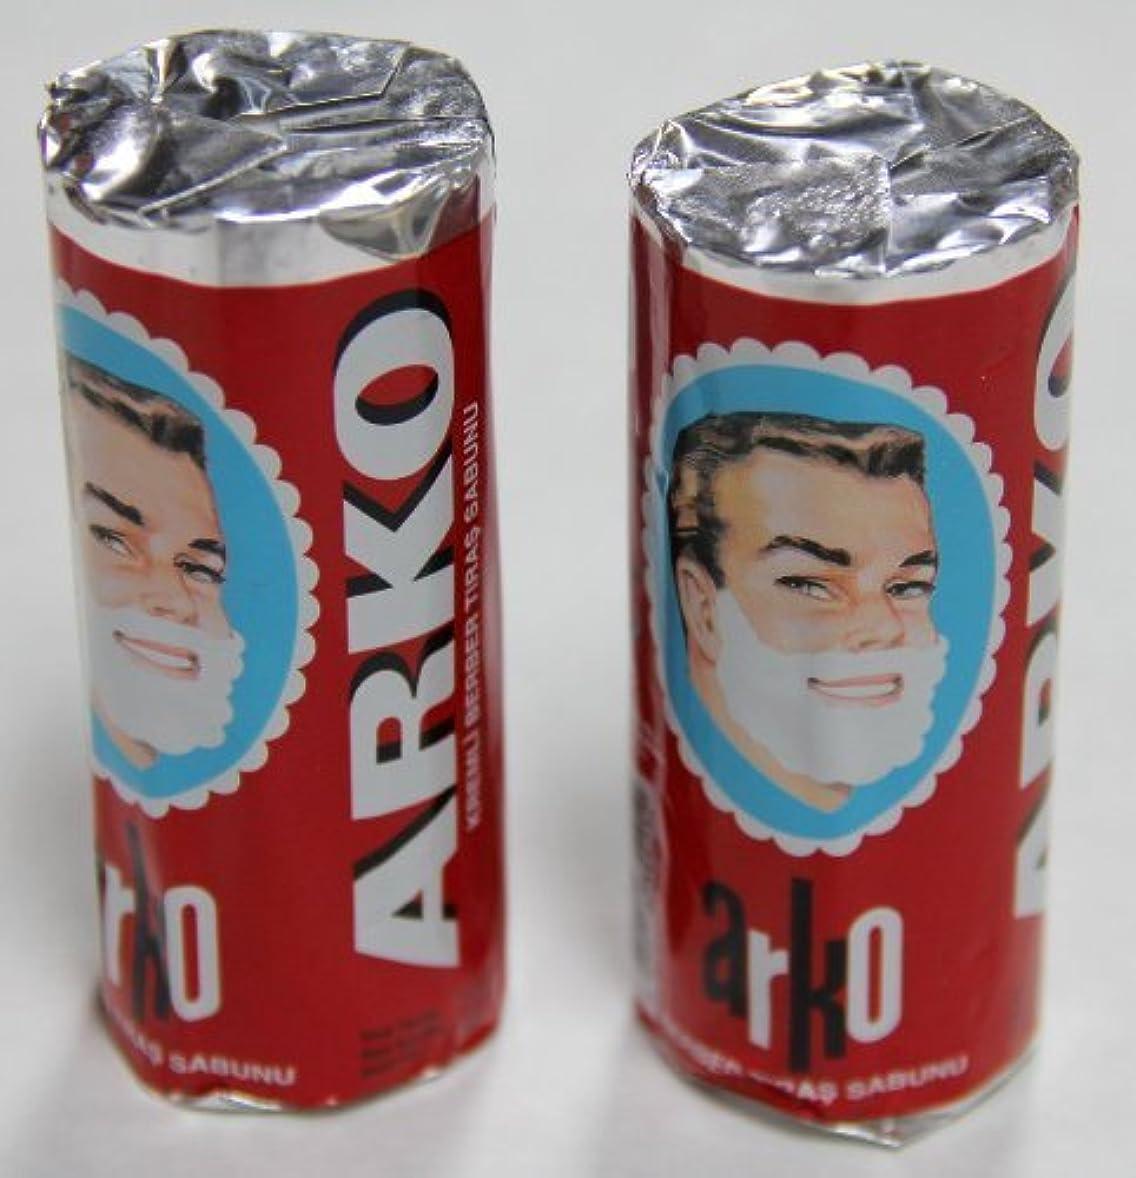 敷居ありがたい肺炎Arko Shaving Soap Stick White Pack of 2 75g each [並行輸入品]